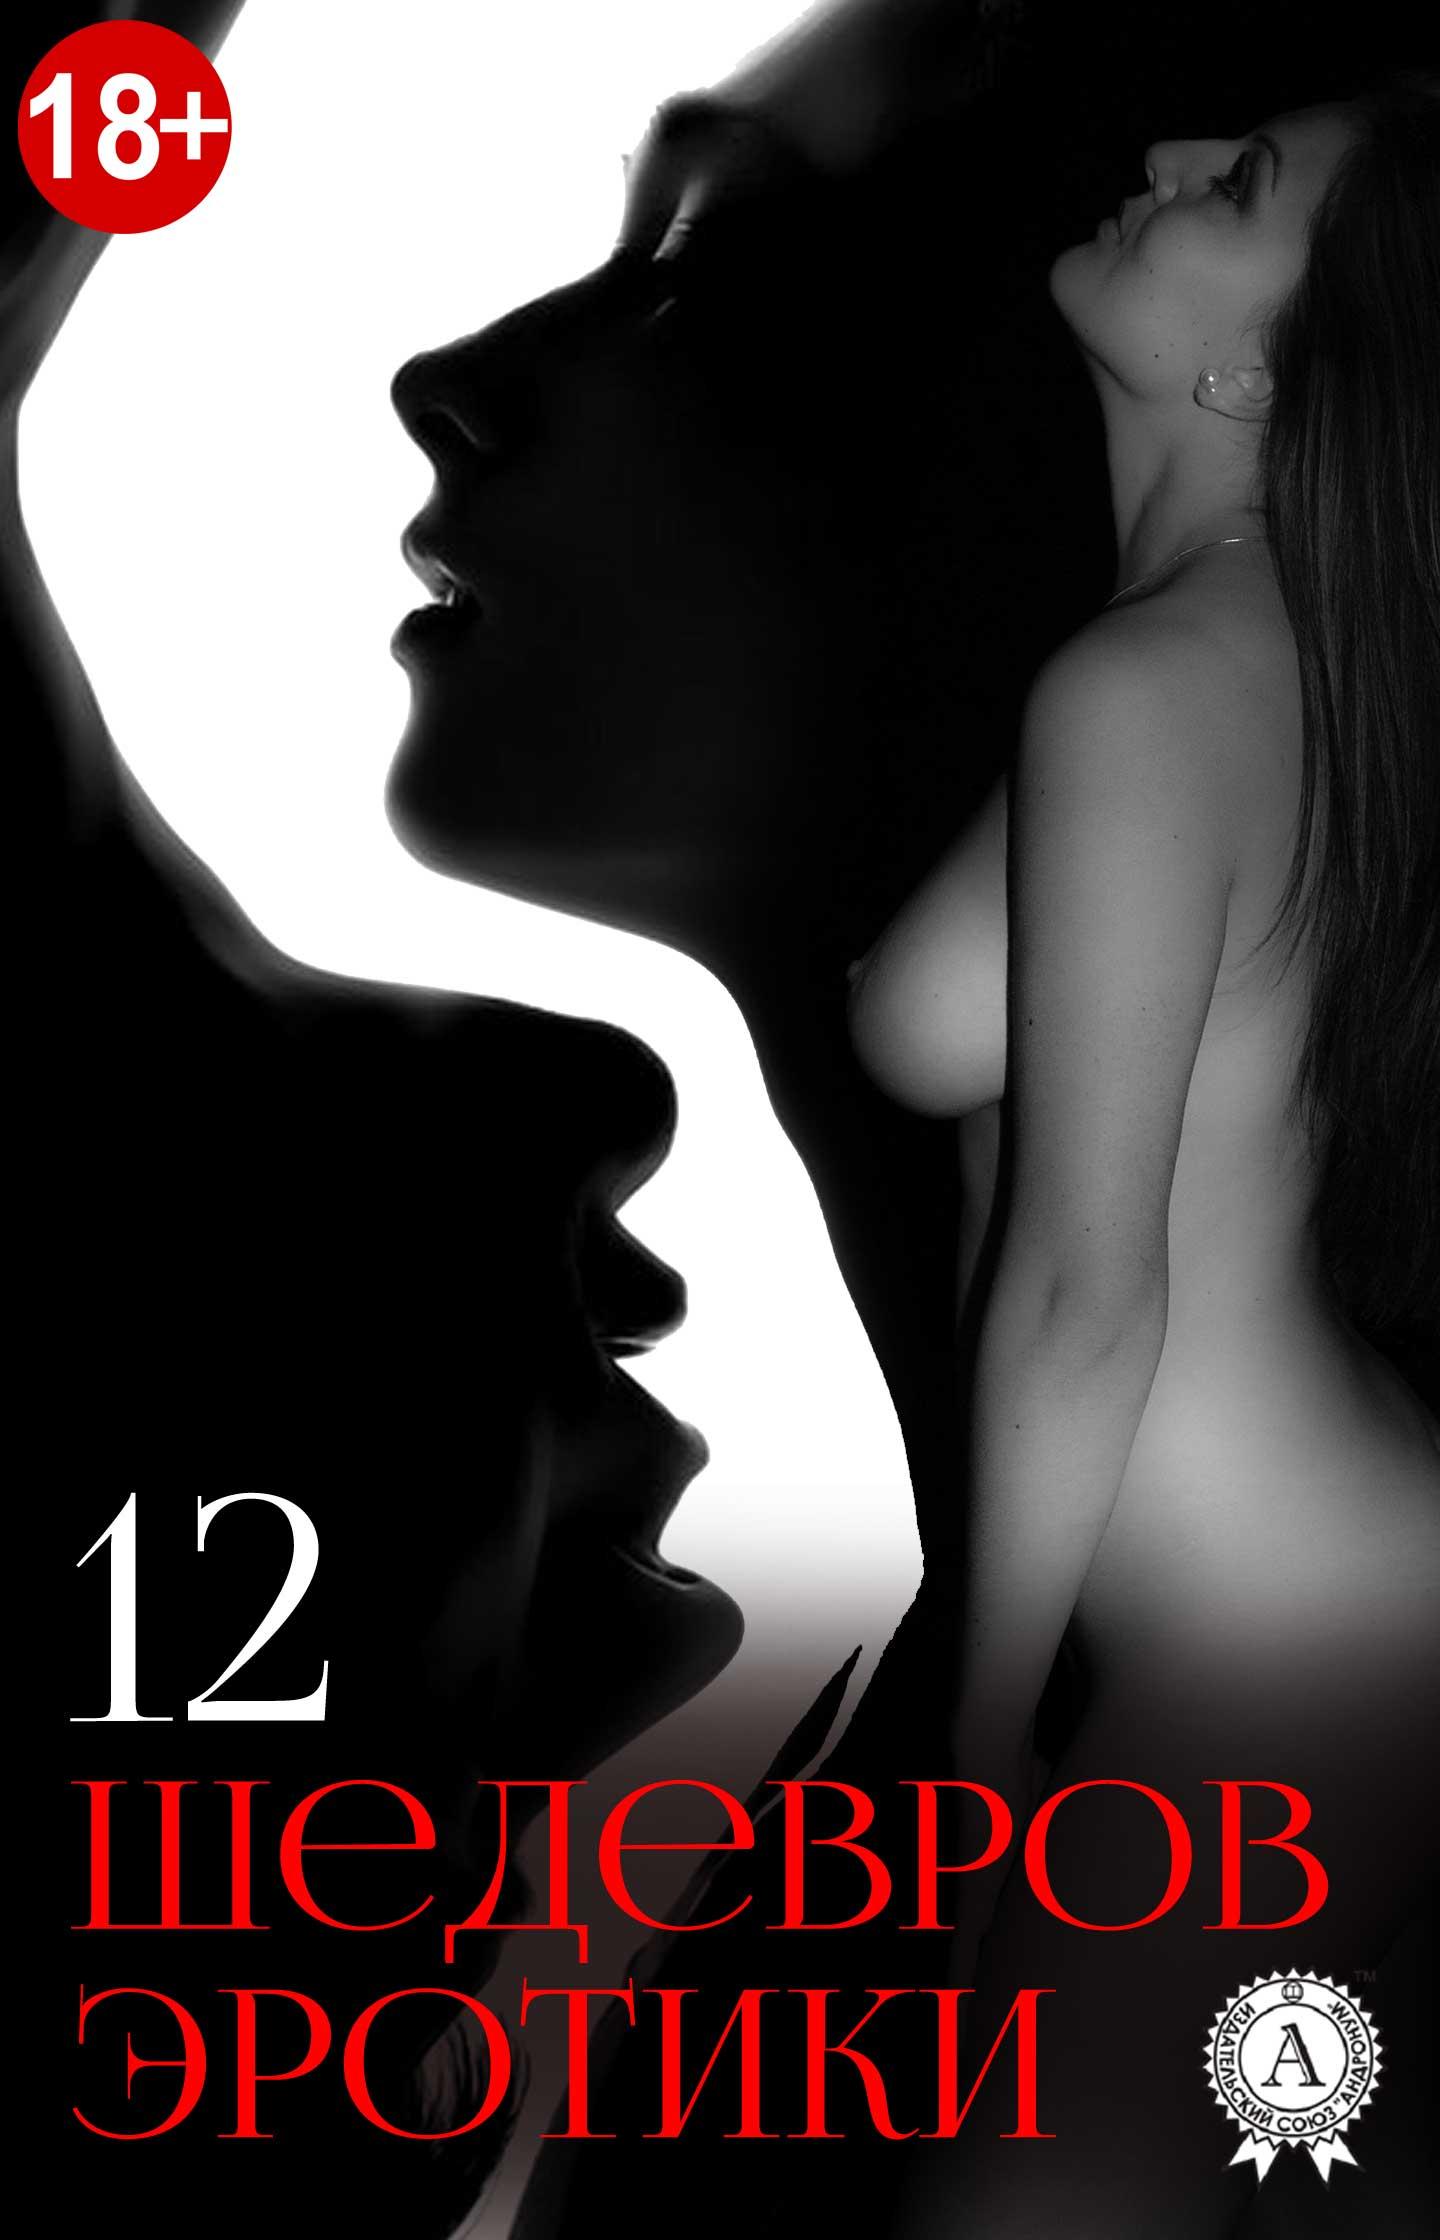 —качать книгу 12 шедевров эротики